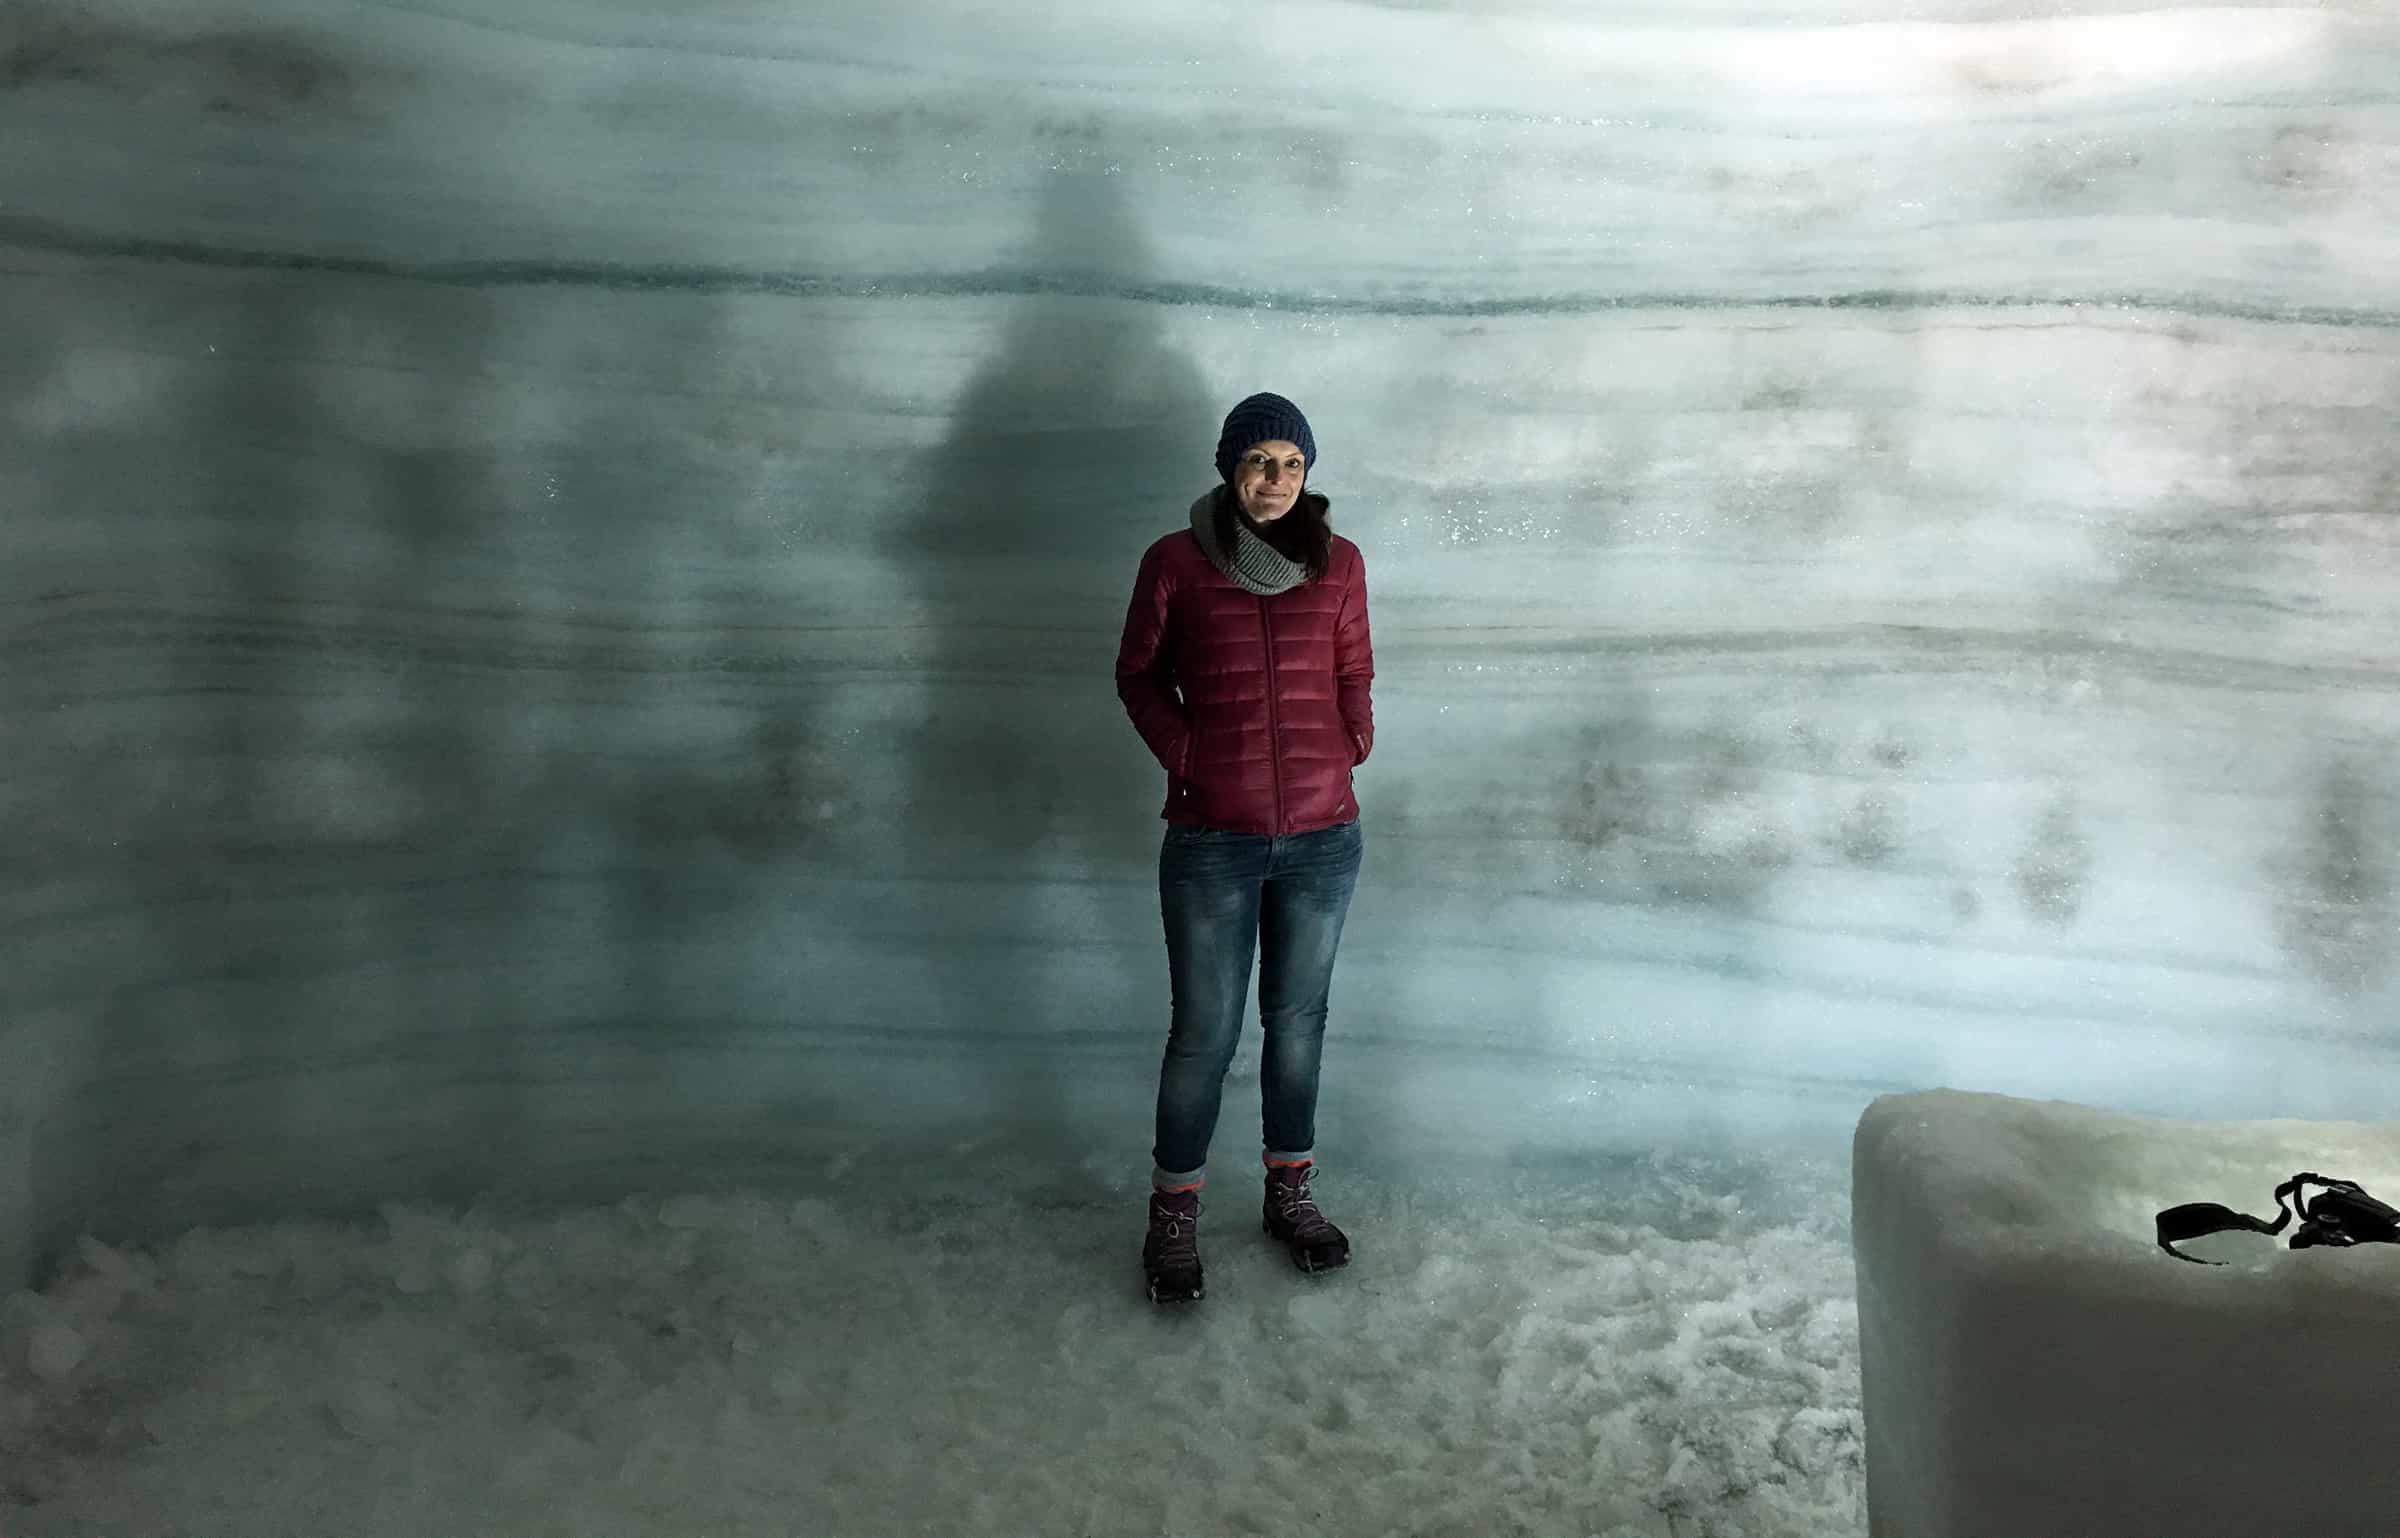 Even op de foto in de ijstunnel